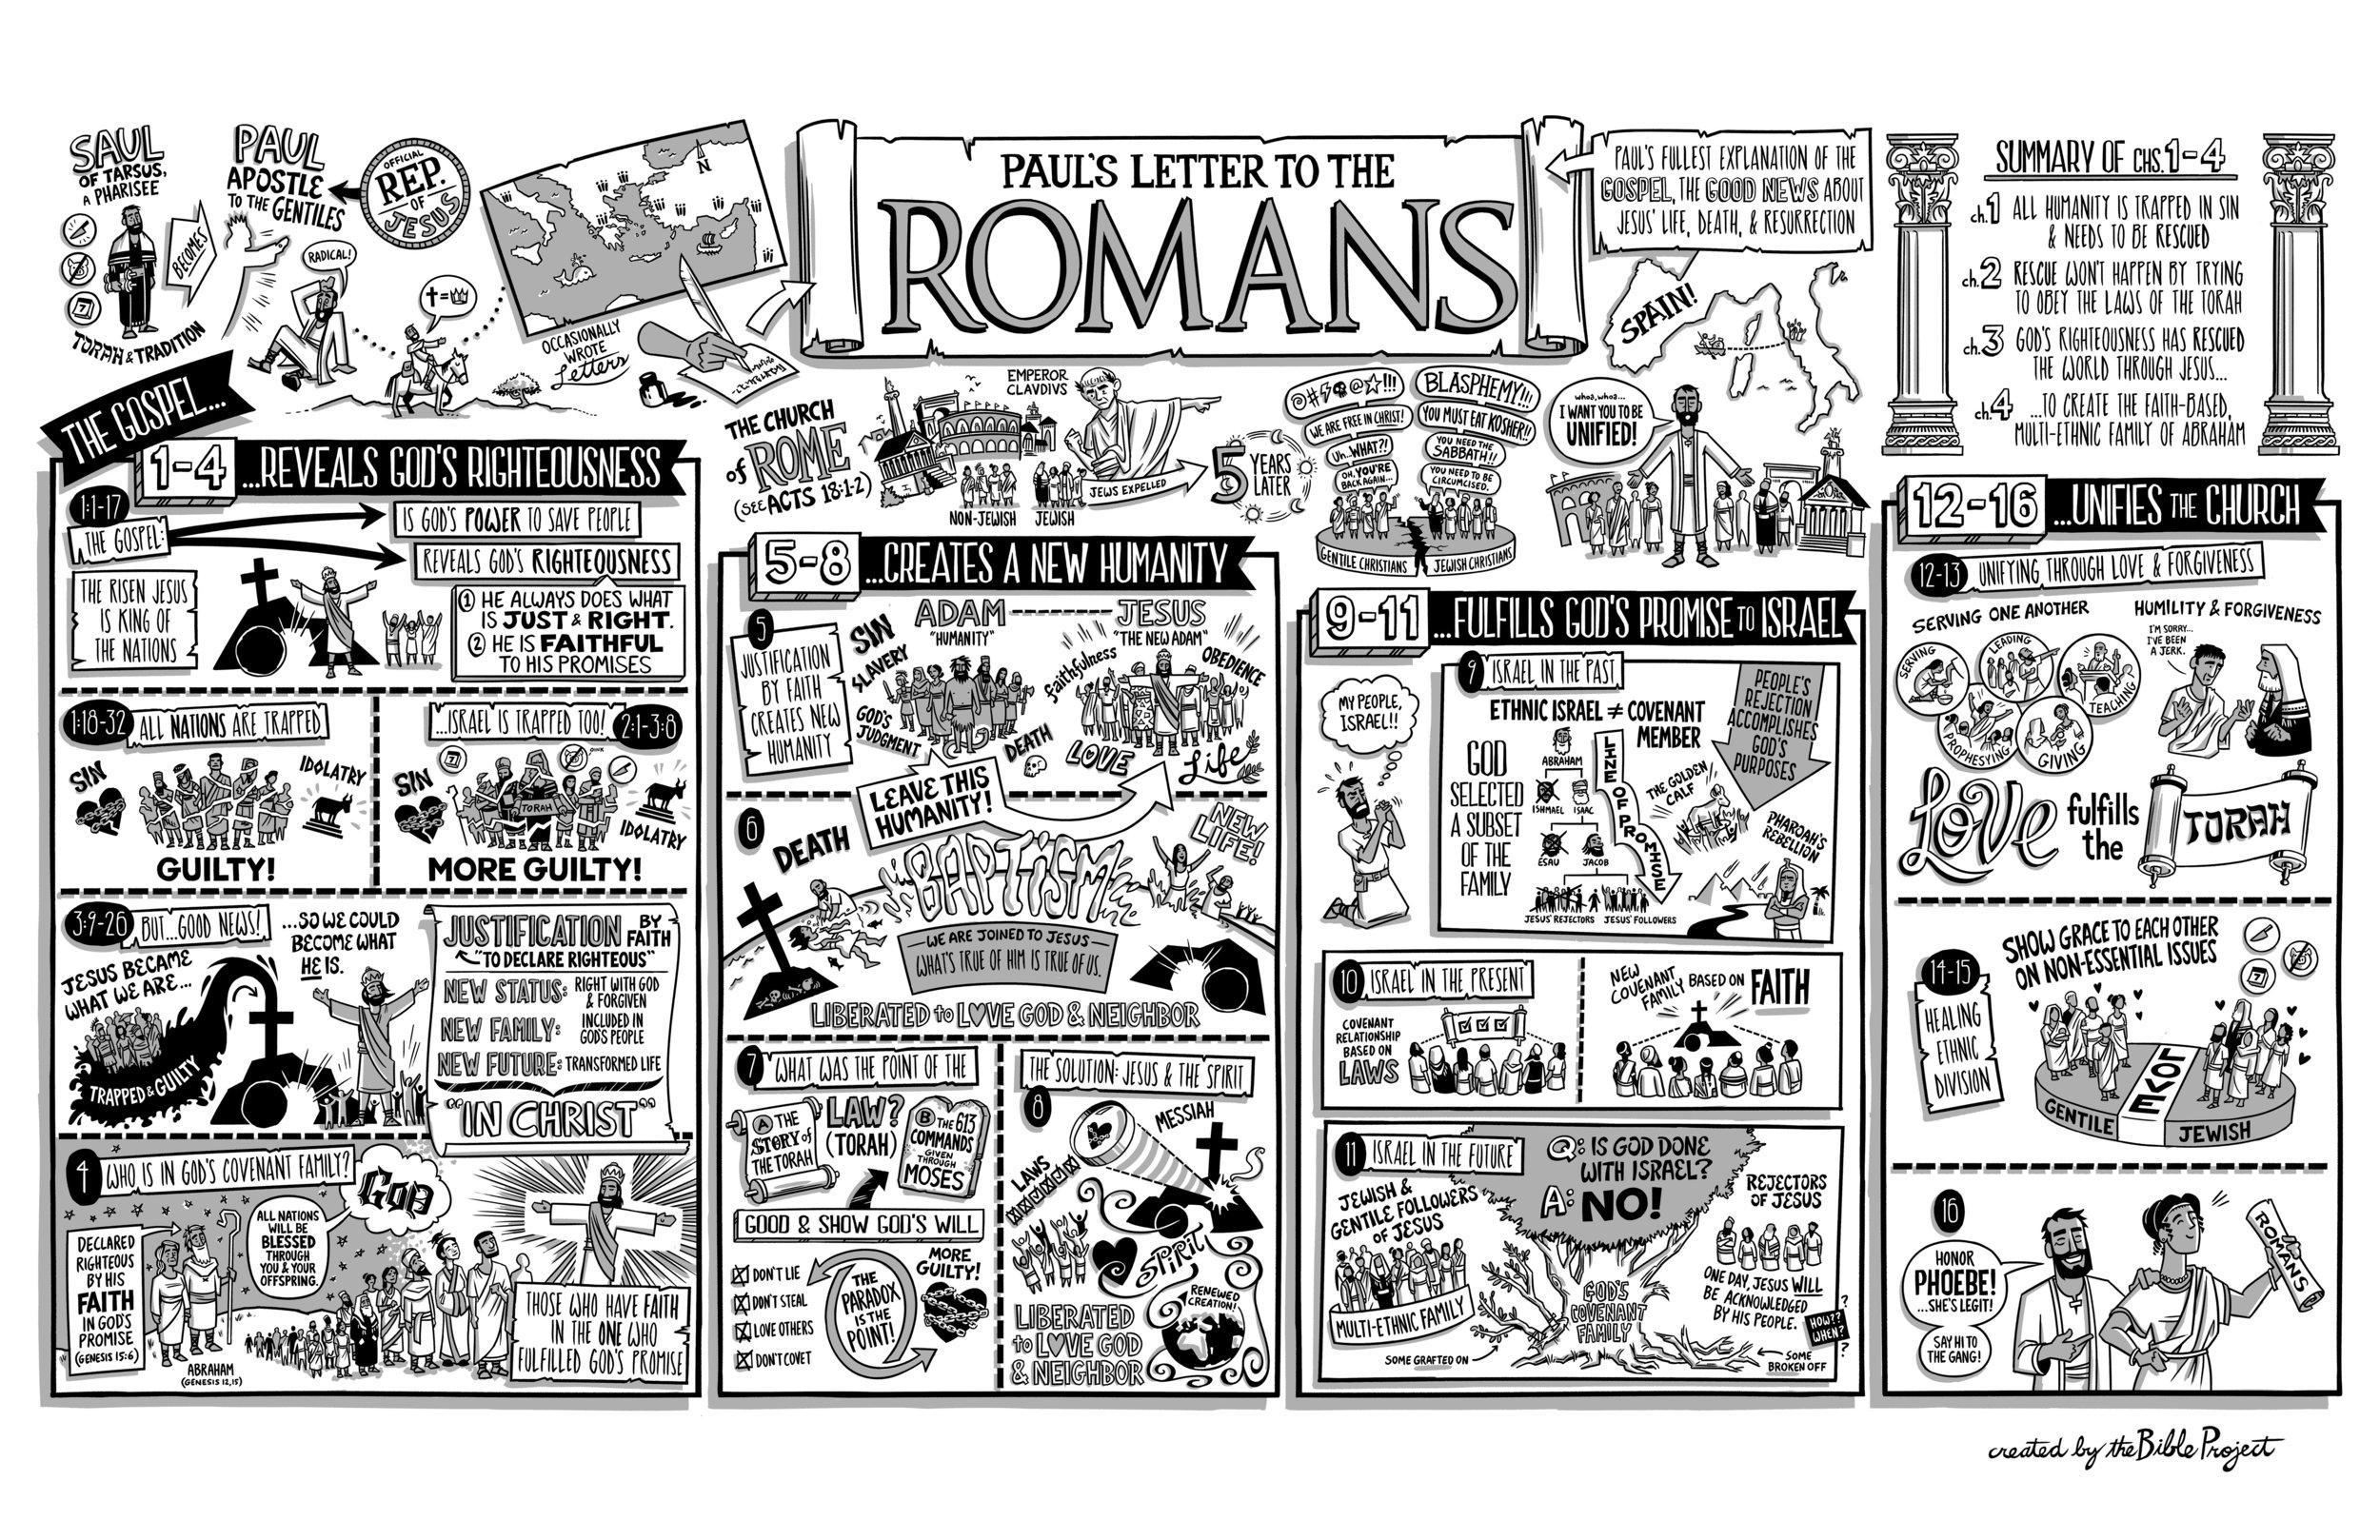 50-51-Romans-FNL.jpg